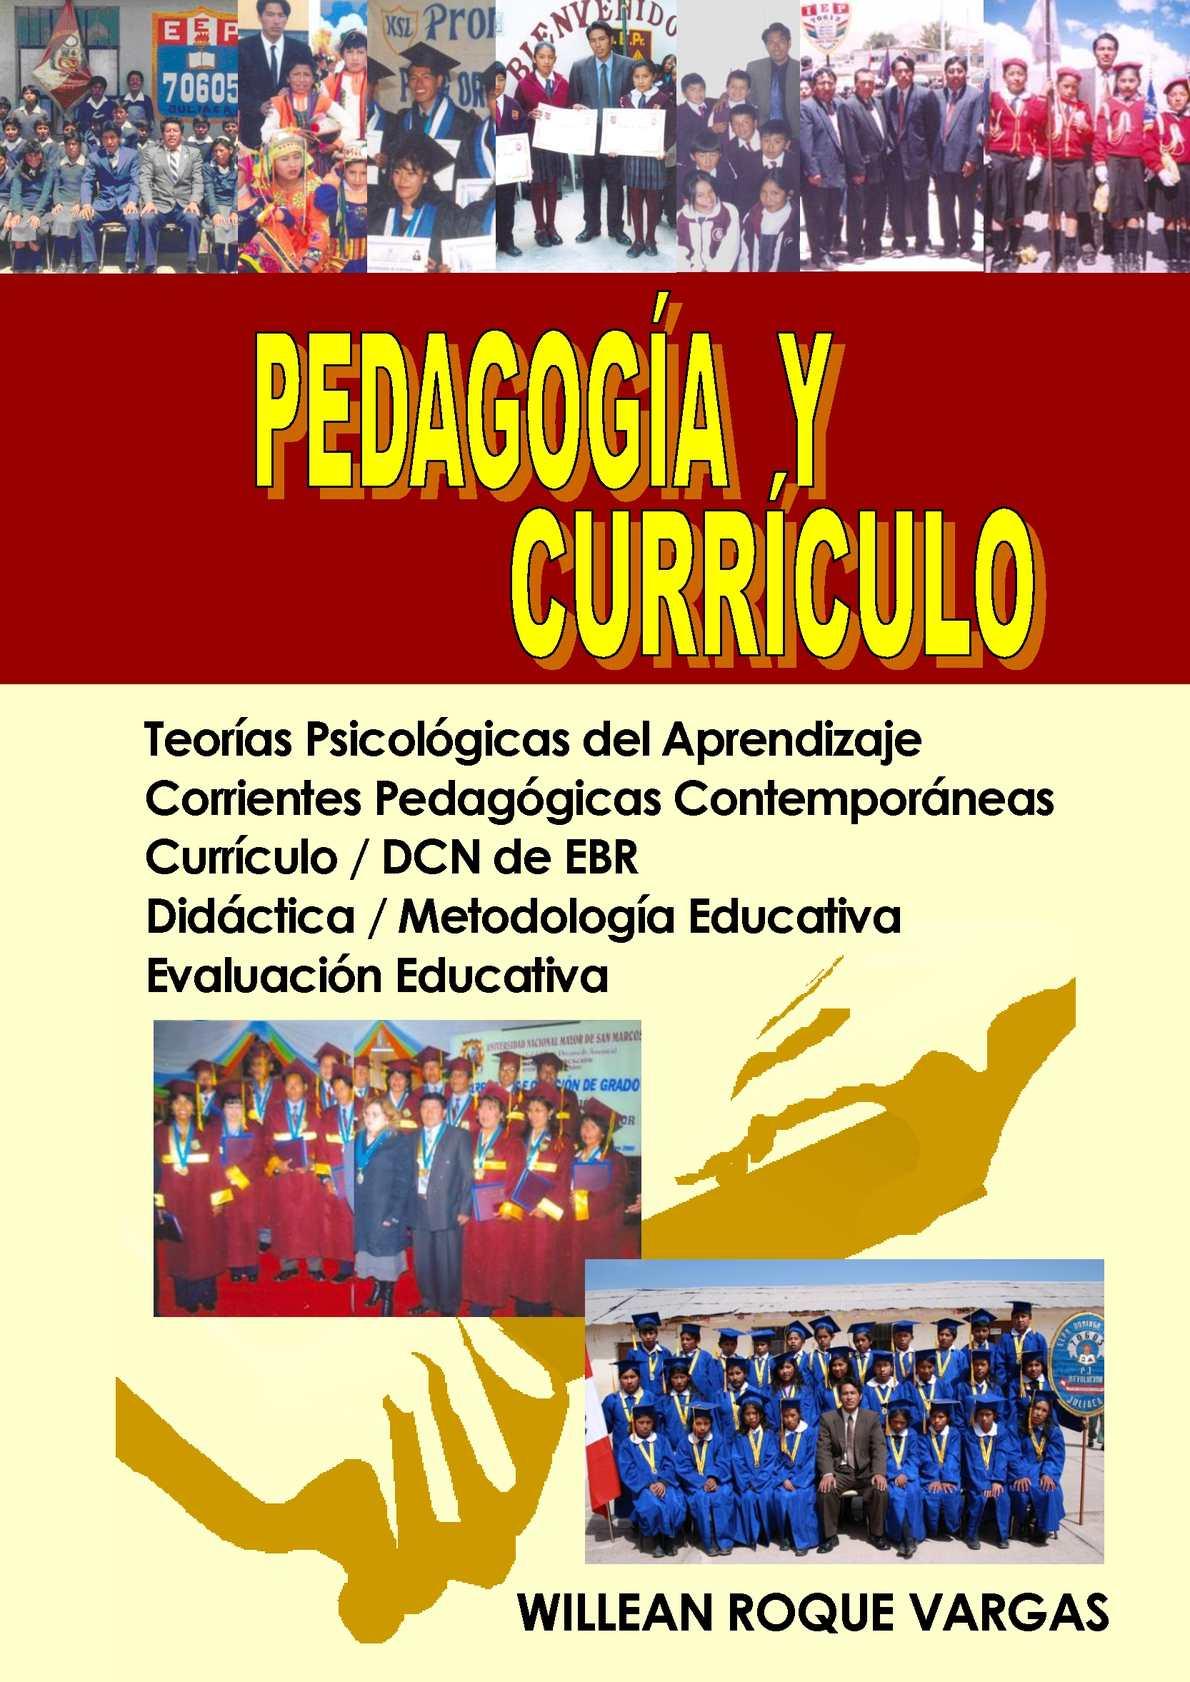 Calaméo - Pedagogia Curriculo Roque Vargas Willean